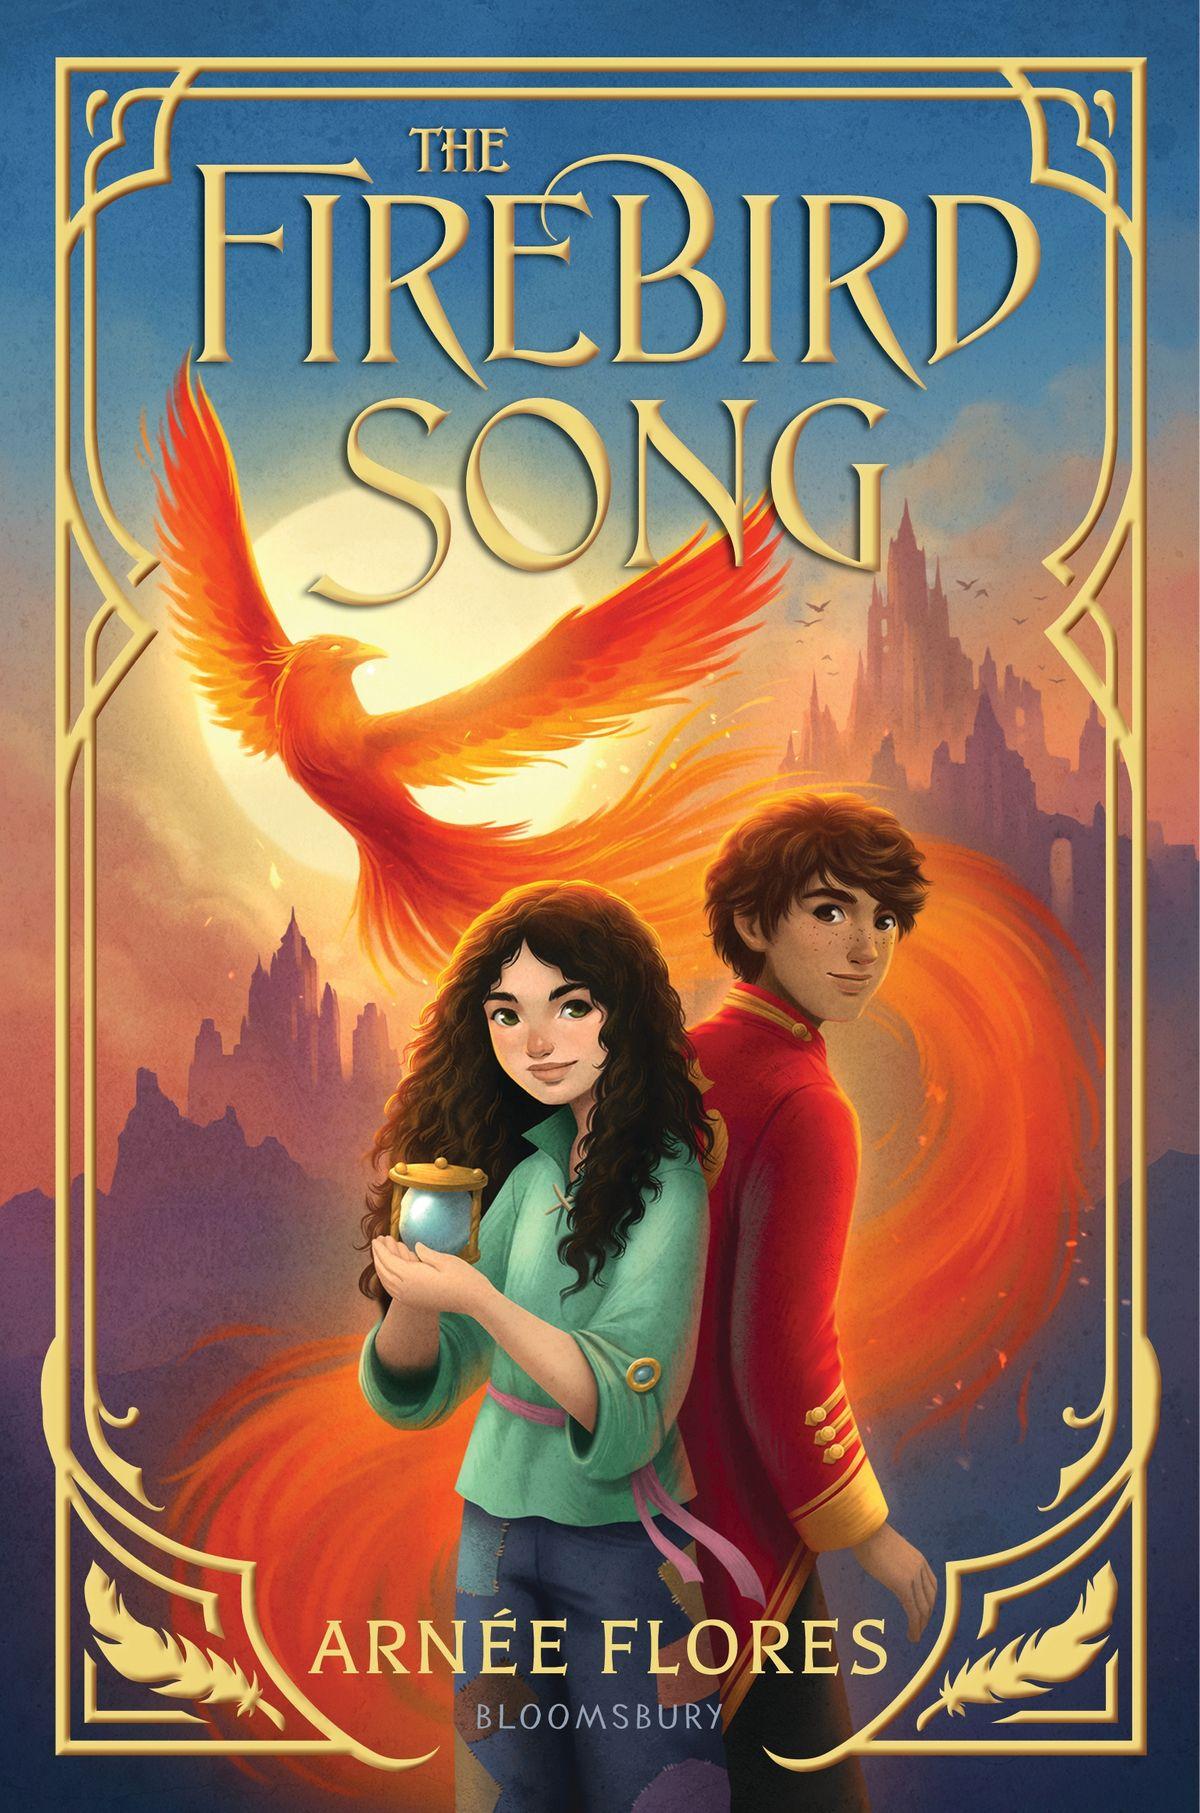 The Firebird Song cover